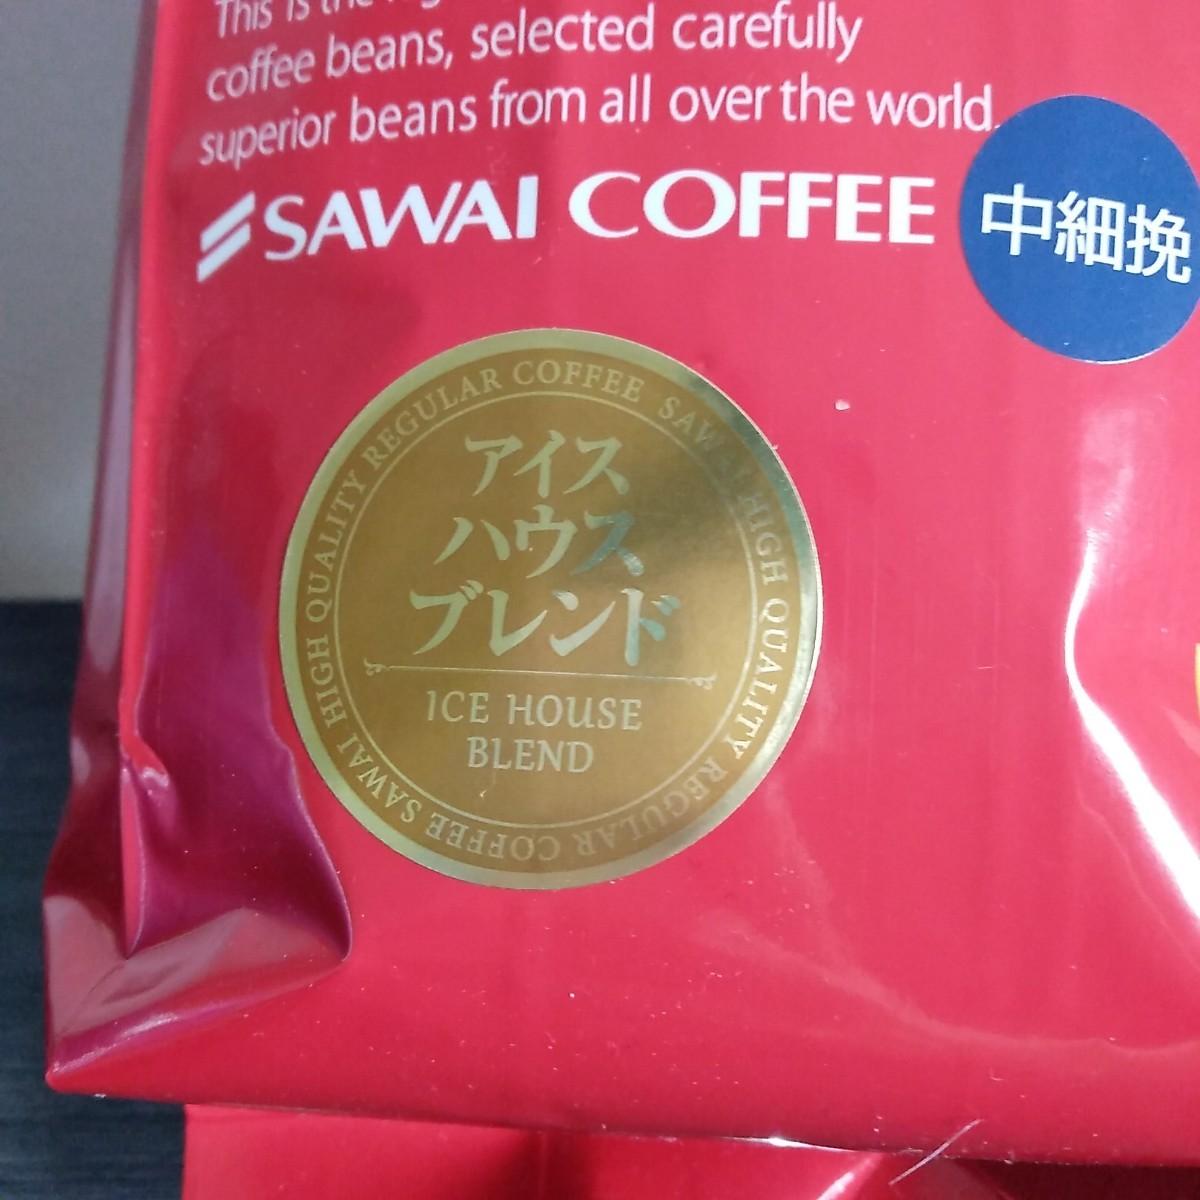 澤井珈琲 コーヒー豆 中細挽 アイスハウスブレンド 1袋50杯分